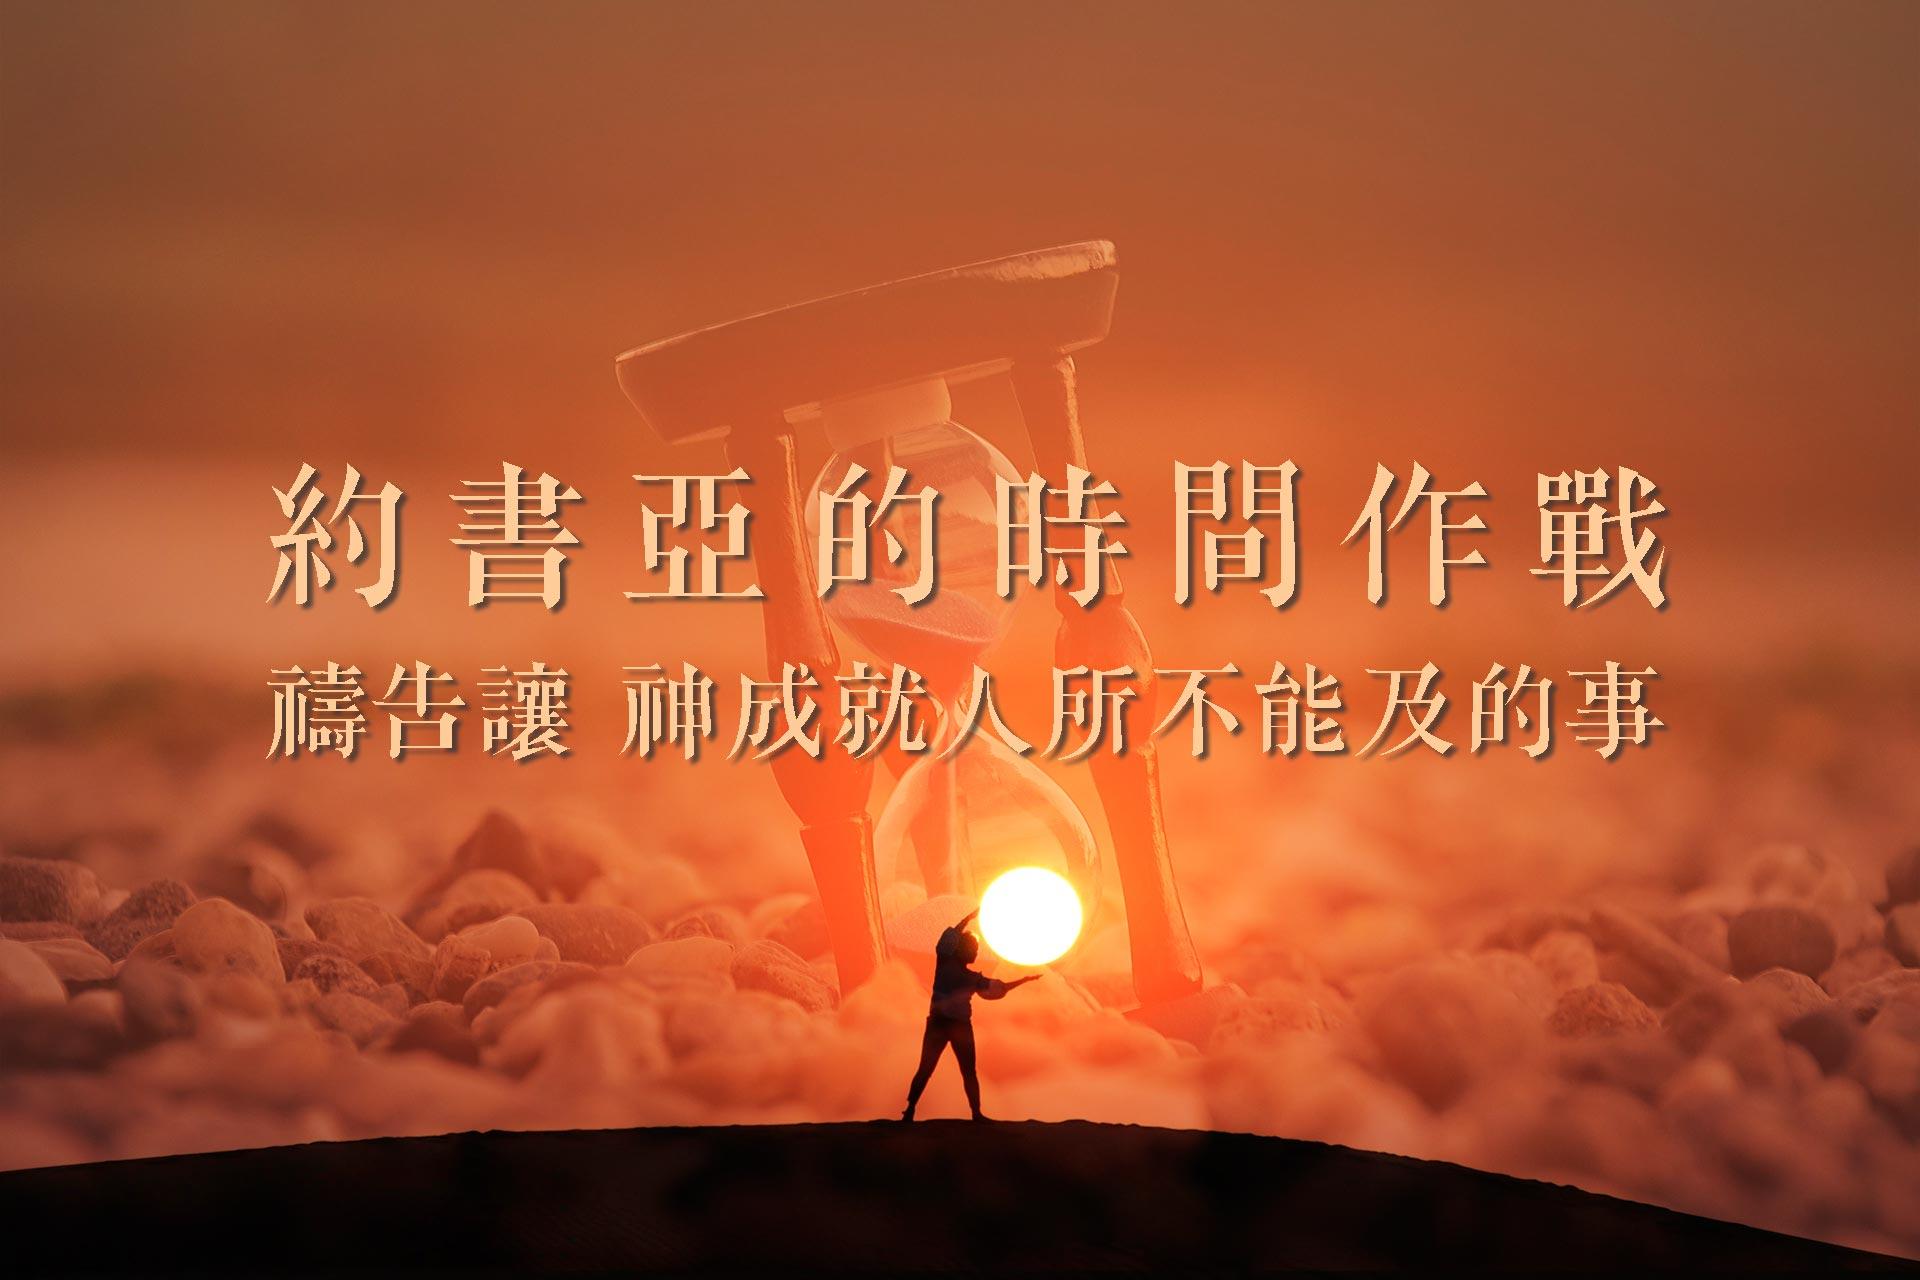 [聖經]場勘王約書亞:禱告讓 神成就那些人所不能及的事